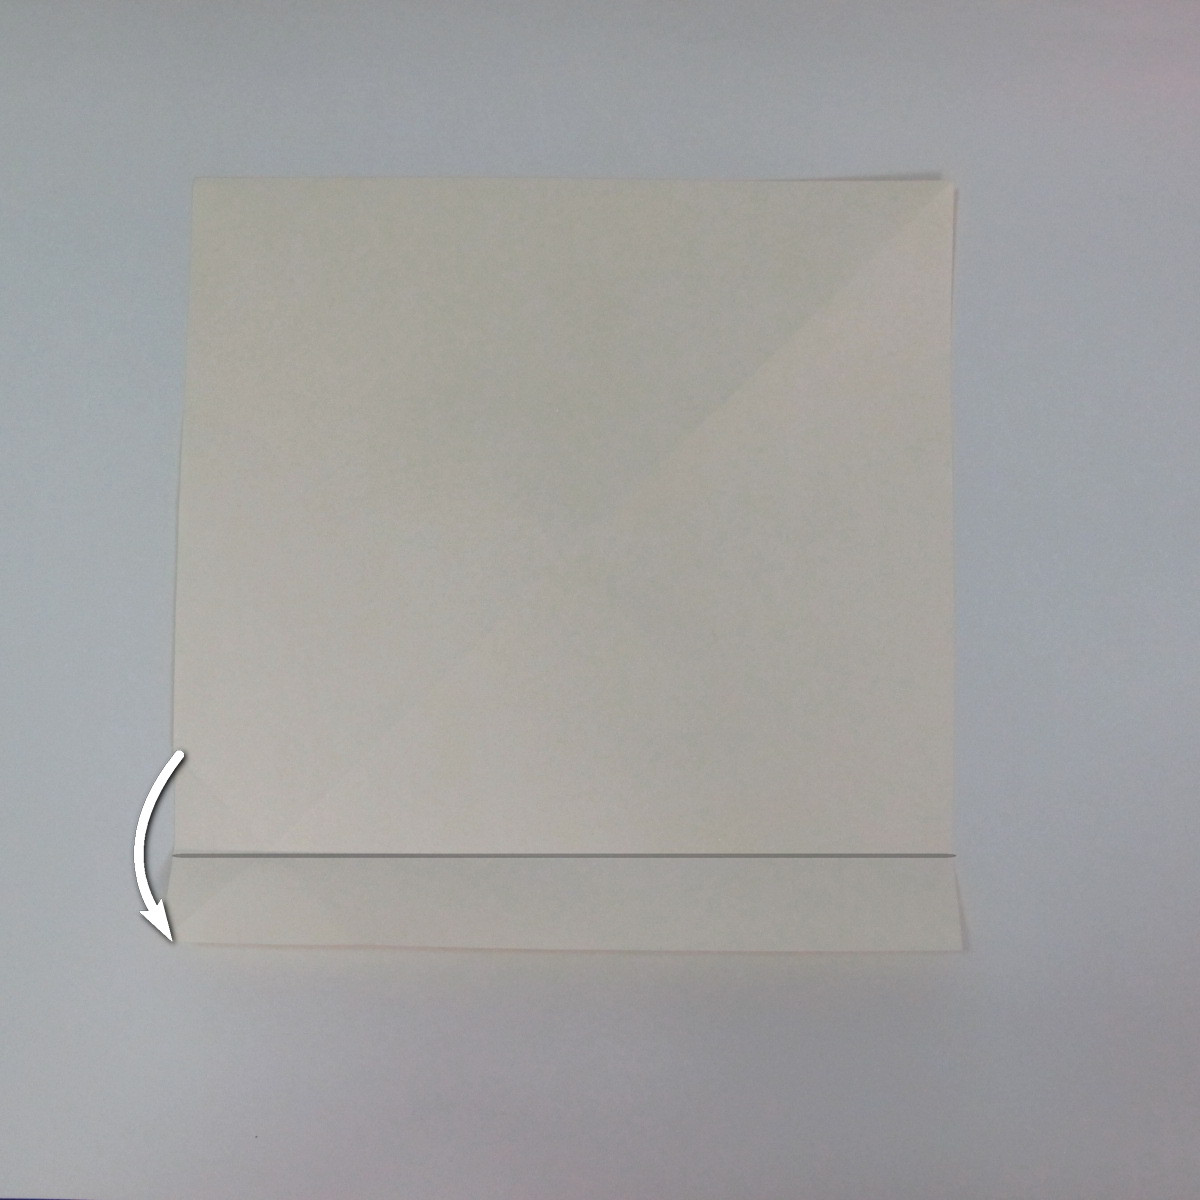 สอนวิธีพับกระดาษเป็นรูปลูกสุนัขยืนสองขา แบบของพอล ฟราสโก้ (Down Boy Dog Origami) 012